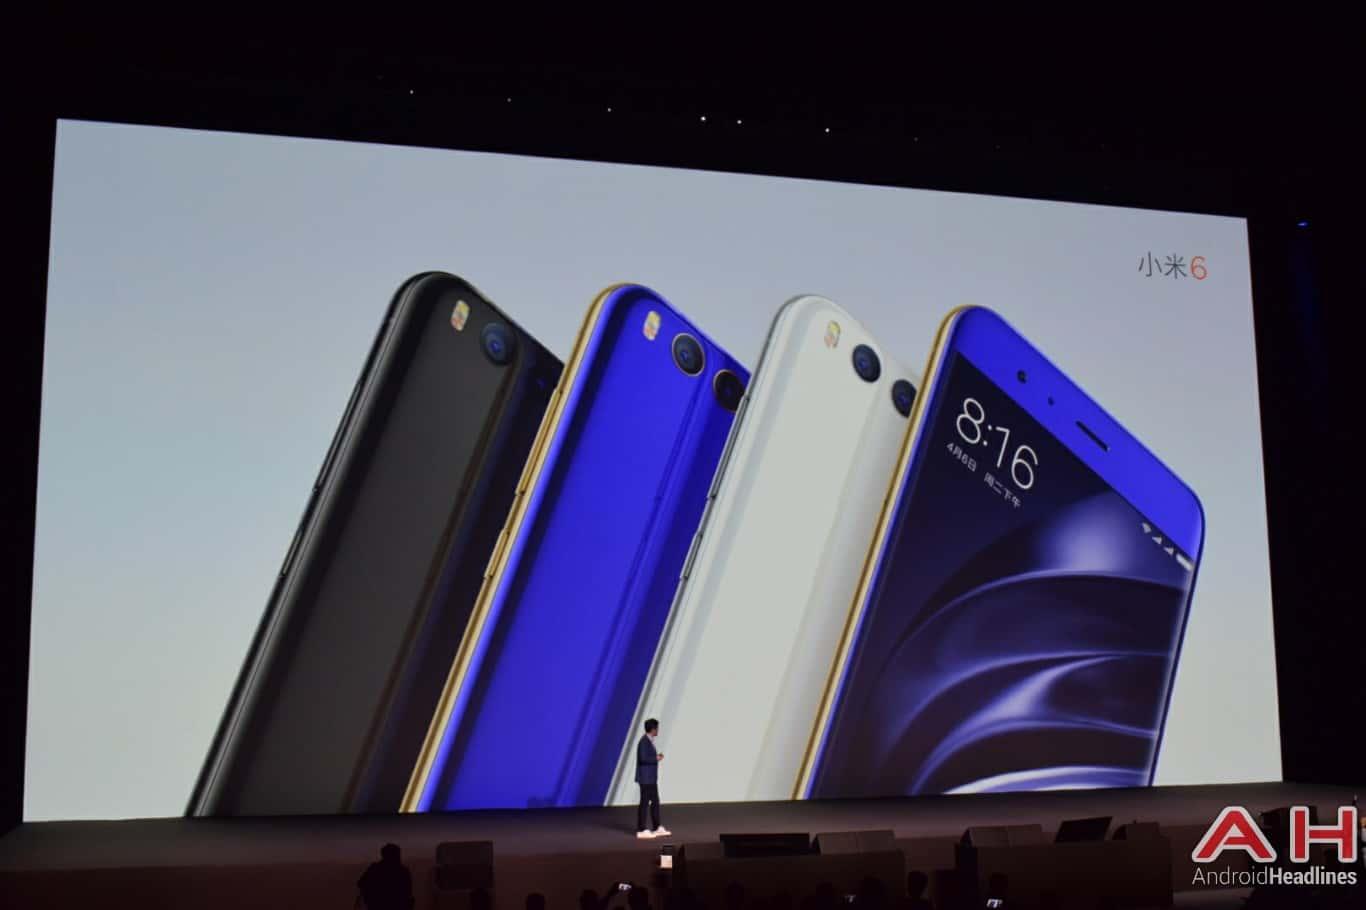 AH Xiaomi Mi 6 keynote 15